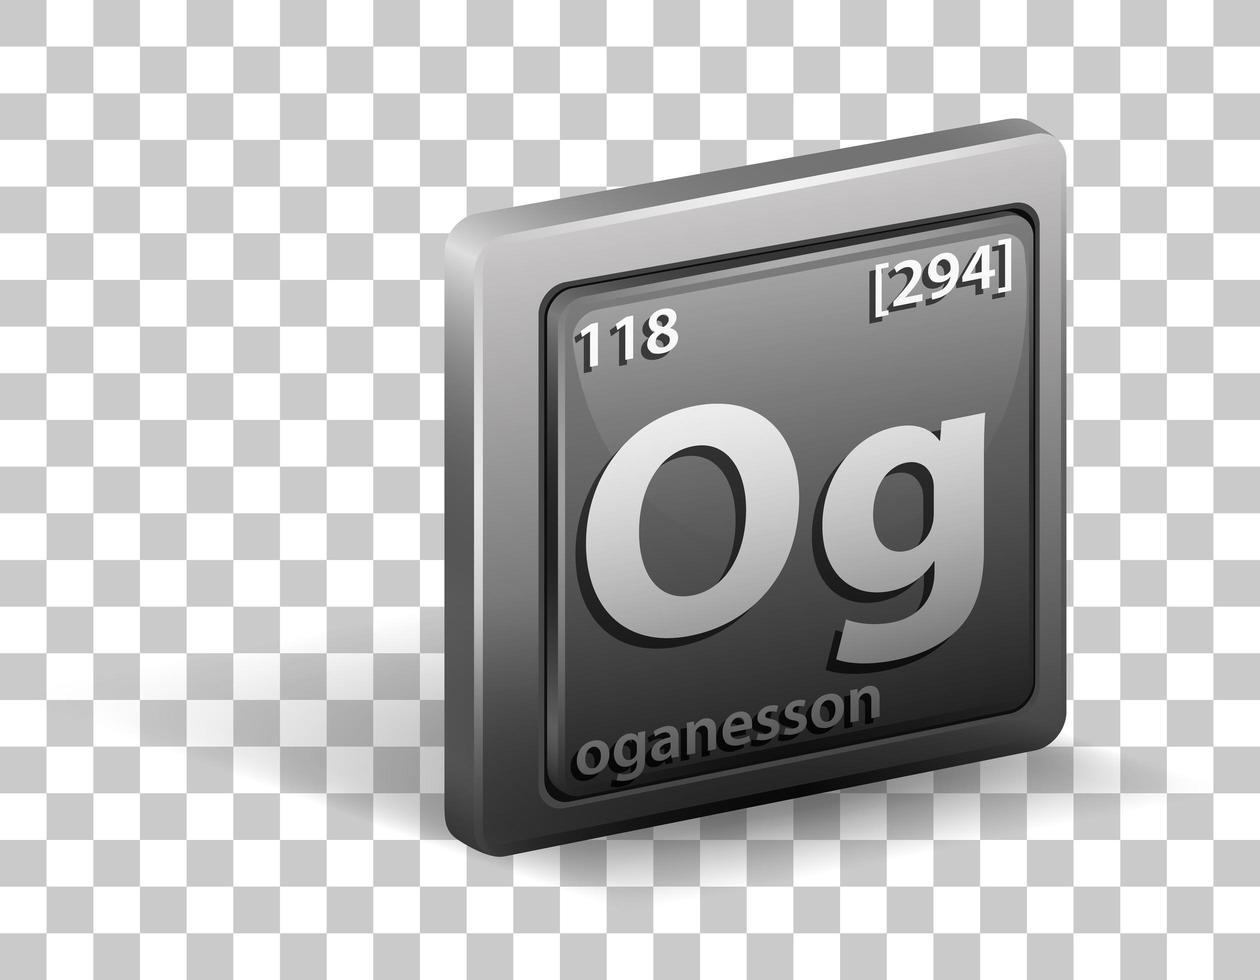 élément chimique oganesson. symbole chimique avec numéro atomique et masse atomique. vecteur